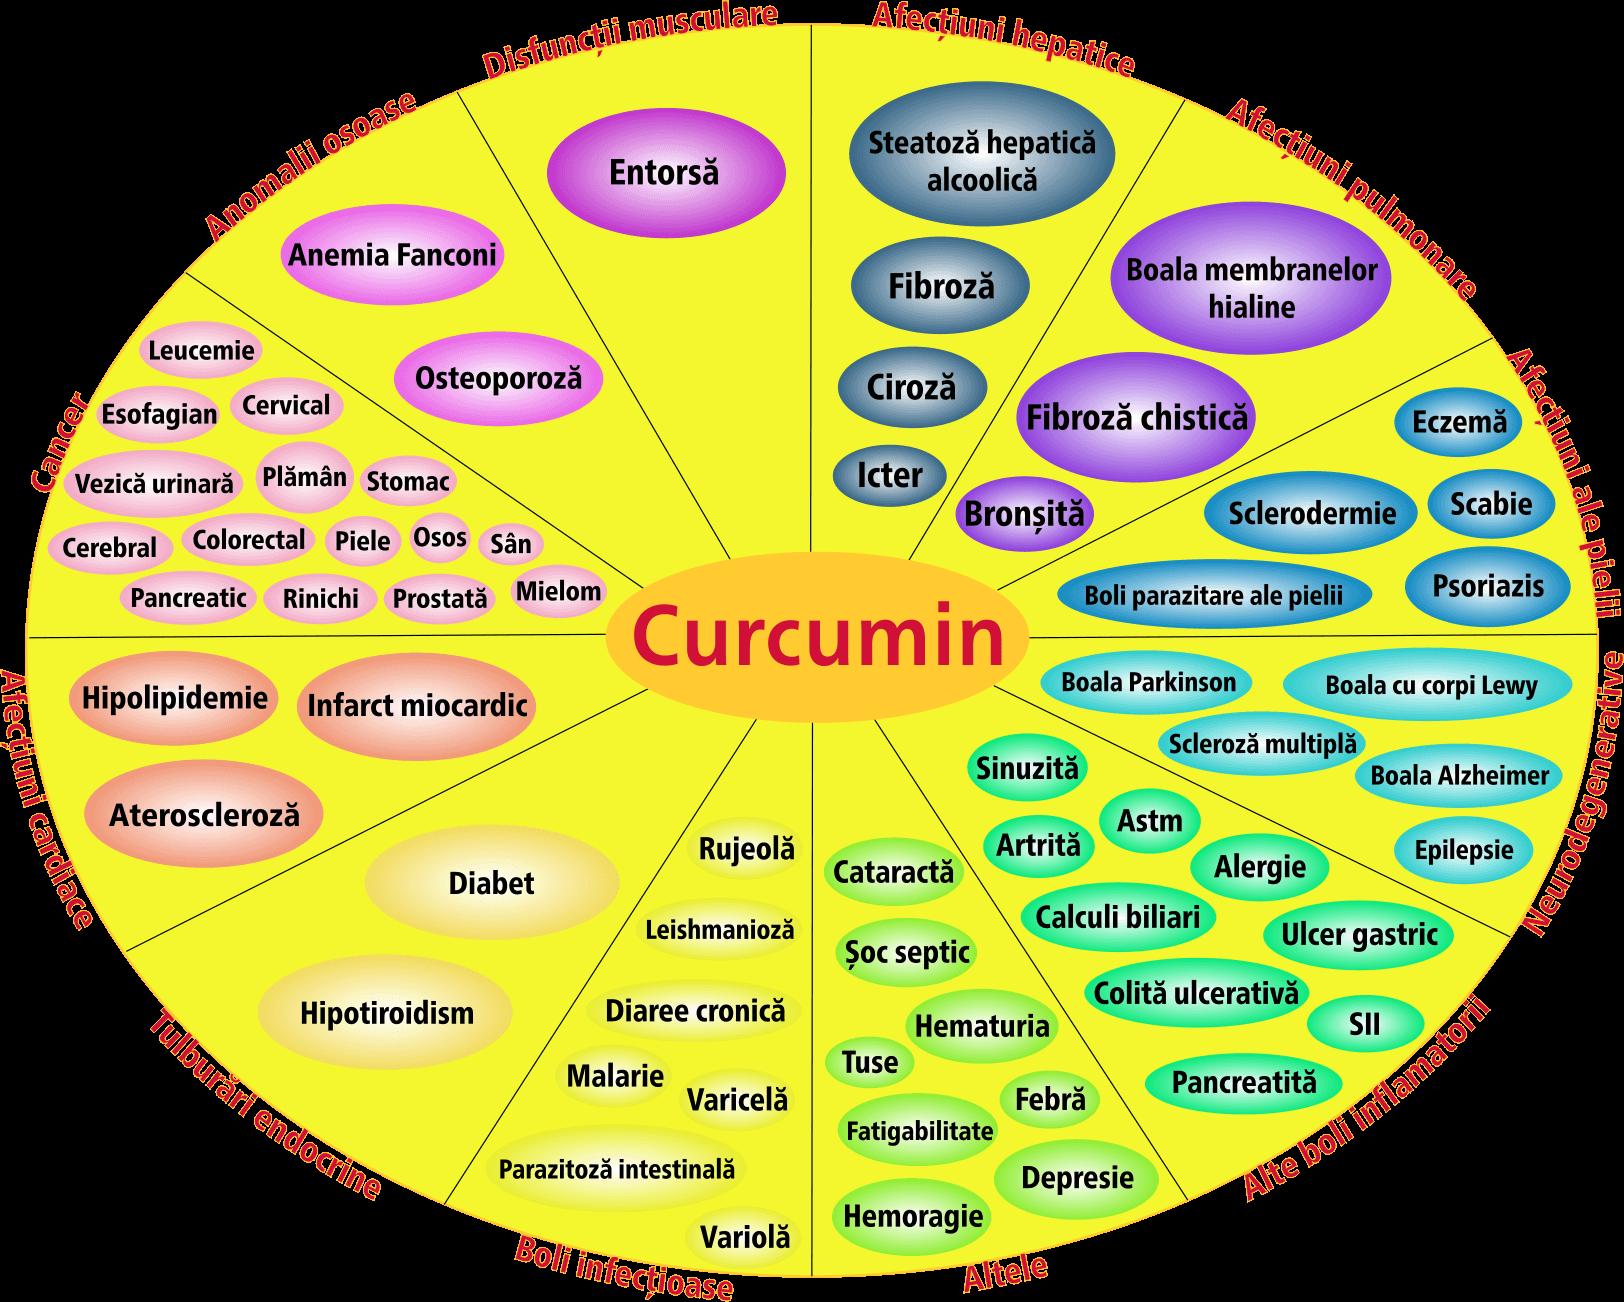 Lipozomal Curcumin Alzheimer